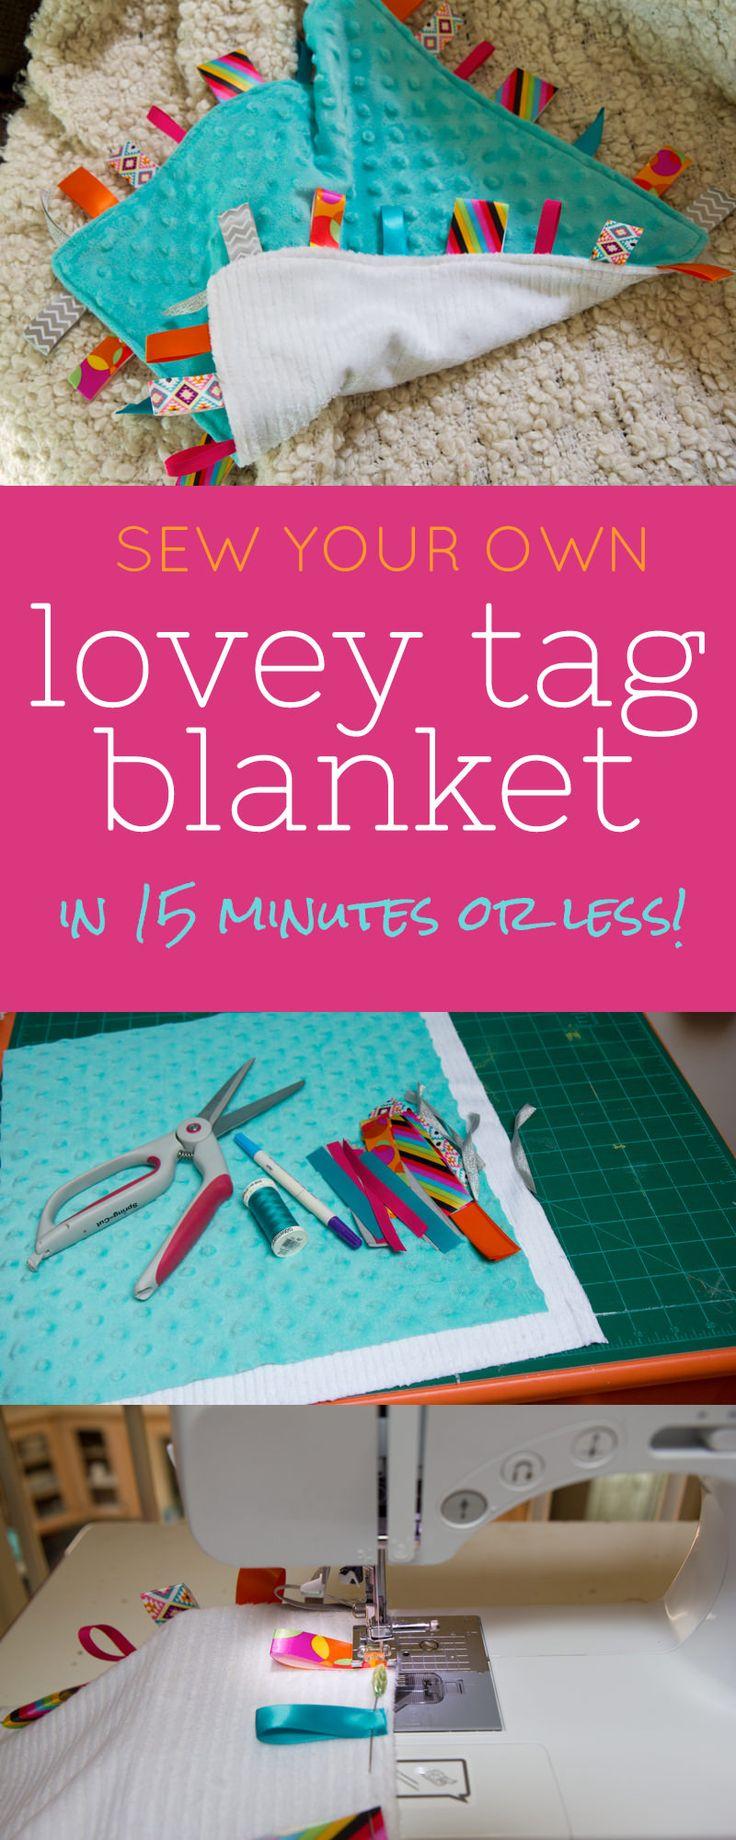 Tutorial: DIY Lovey Tag Blanket